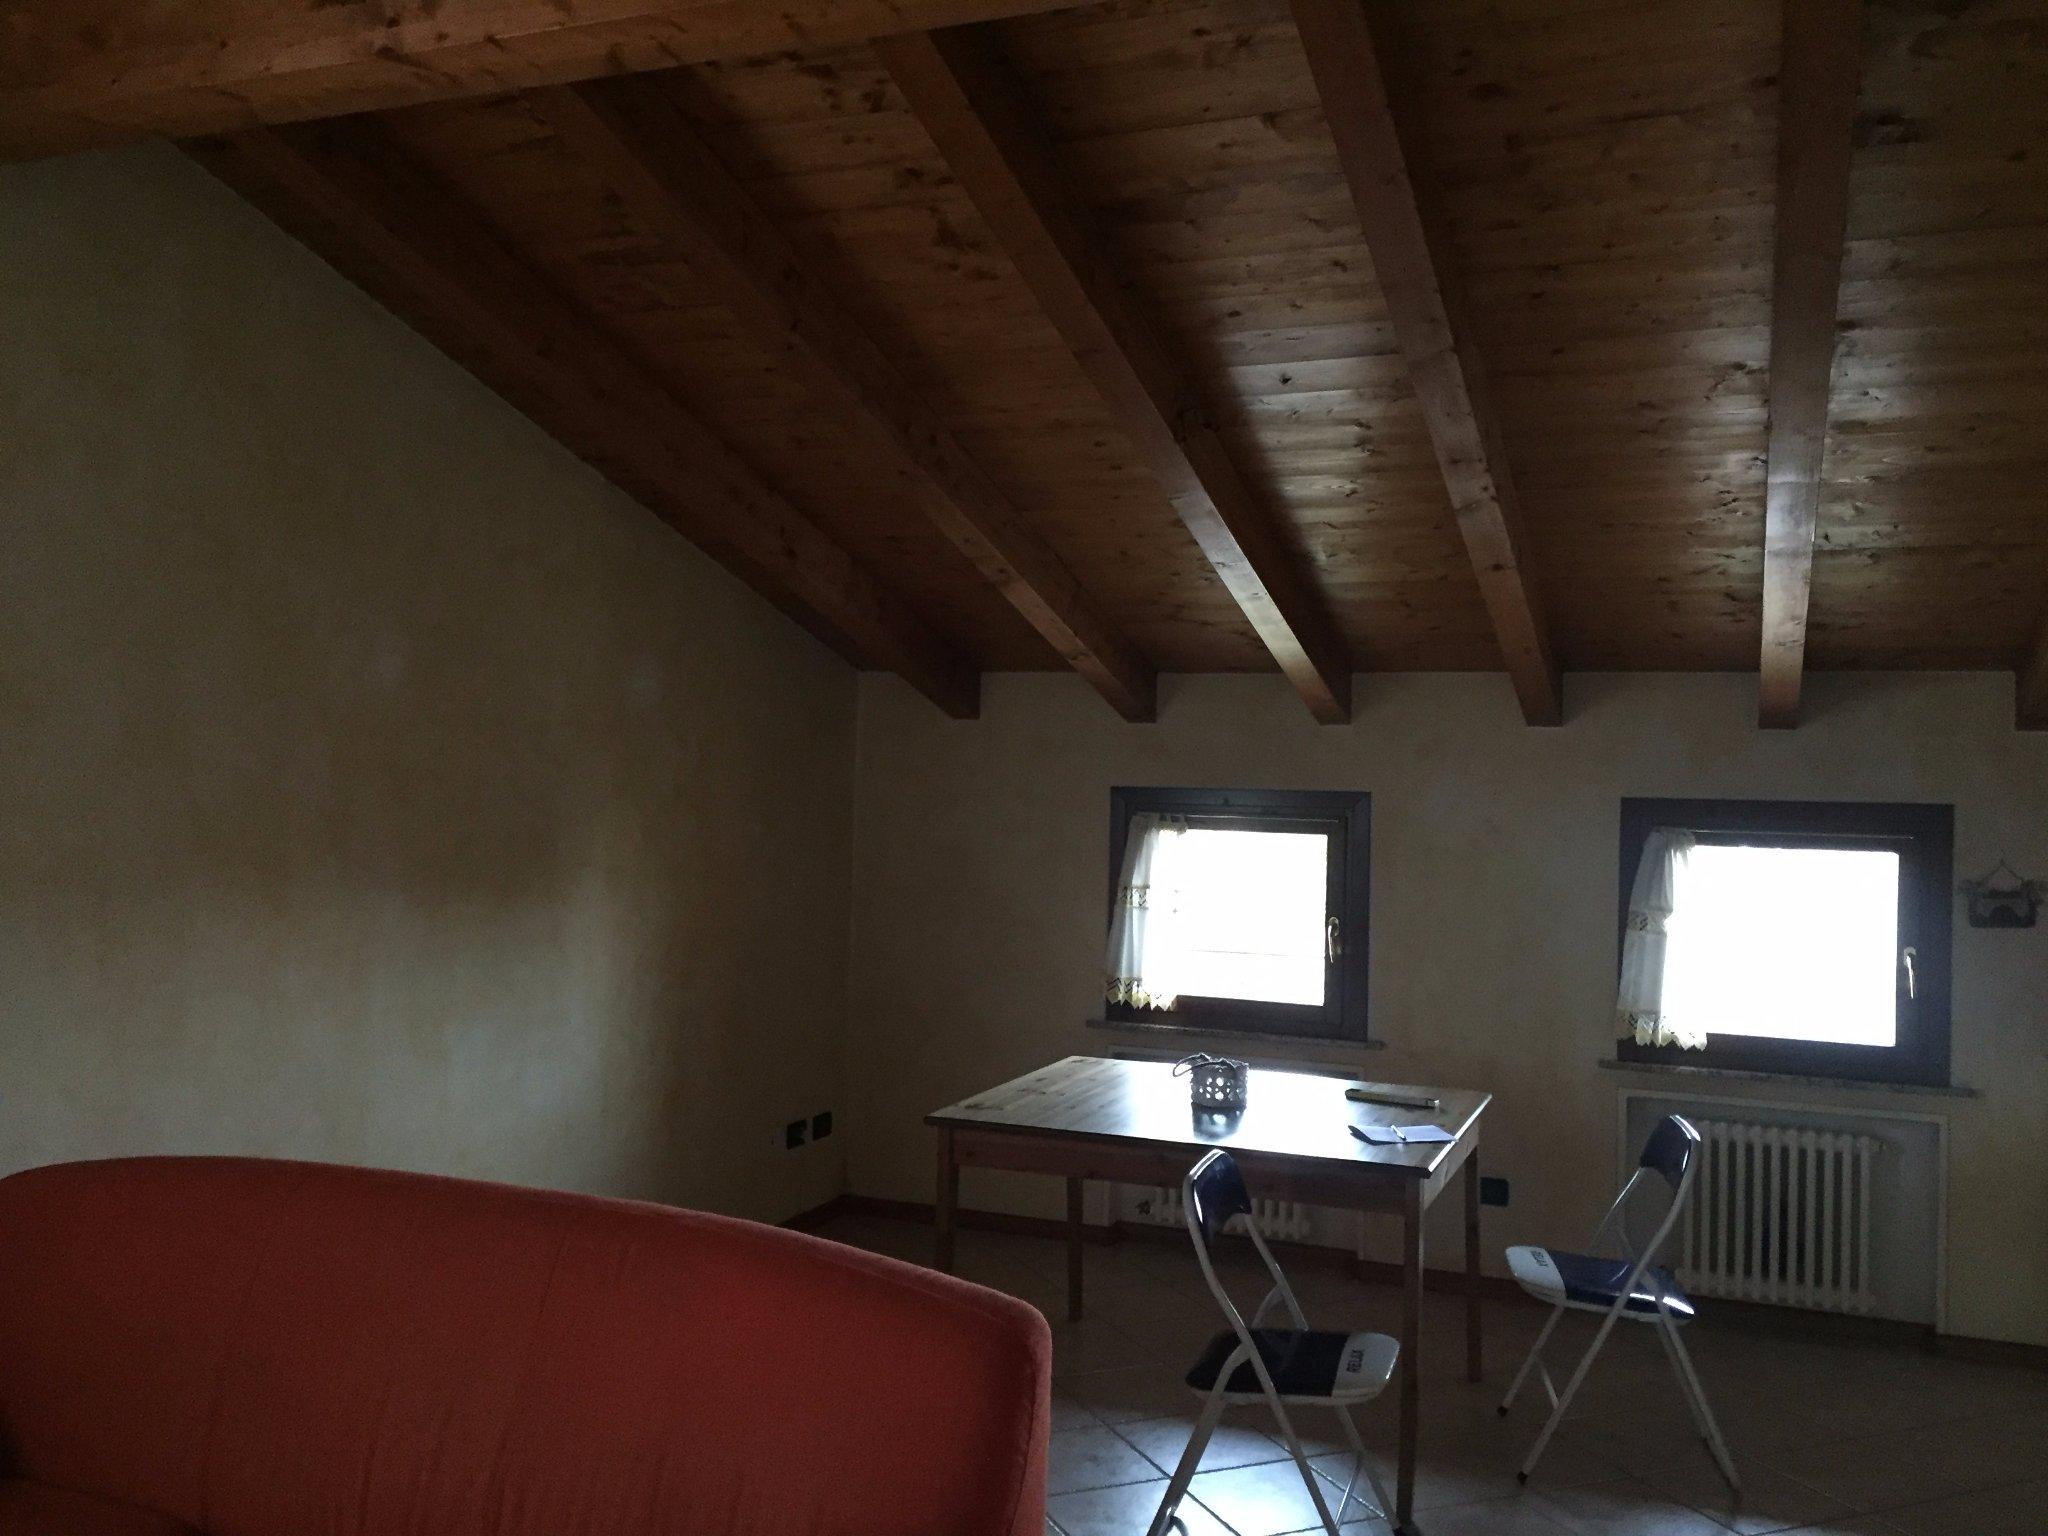 Soffitti In Legno Bianchi : Trattamento protettivo di un tetto o di un solaio in legno fai da te